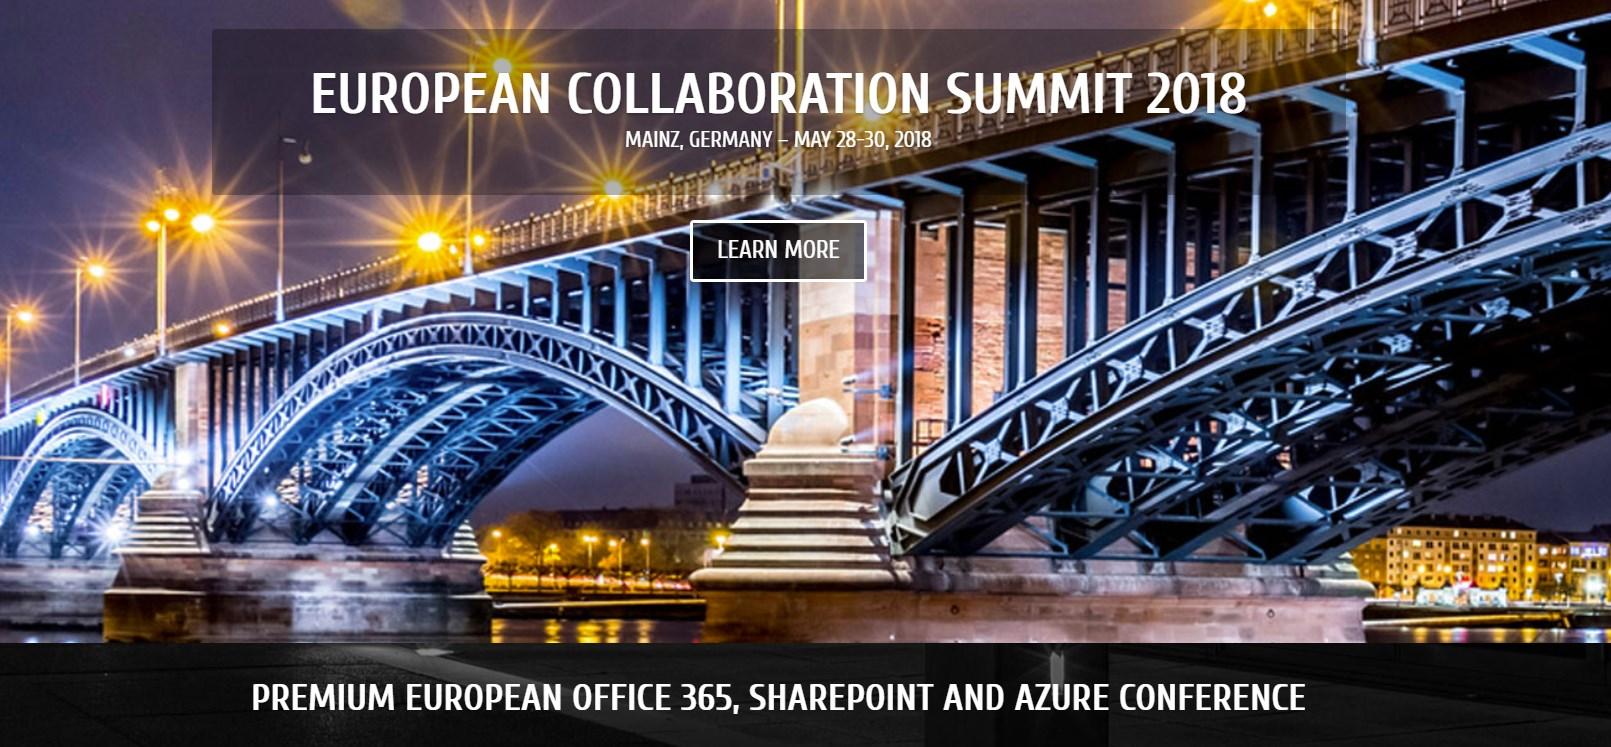 2017 11 10 15 14 45 Start - European Collaboration Summit